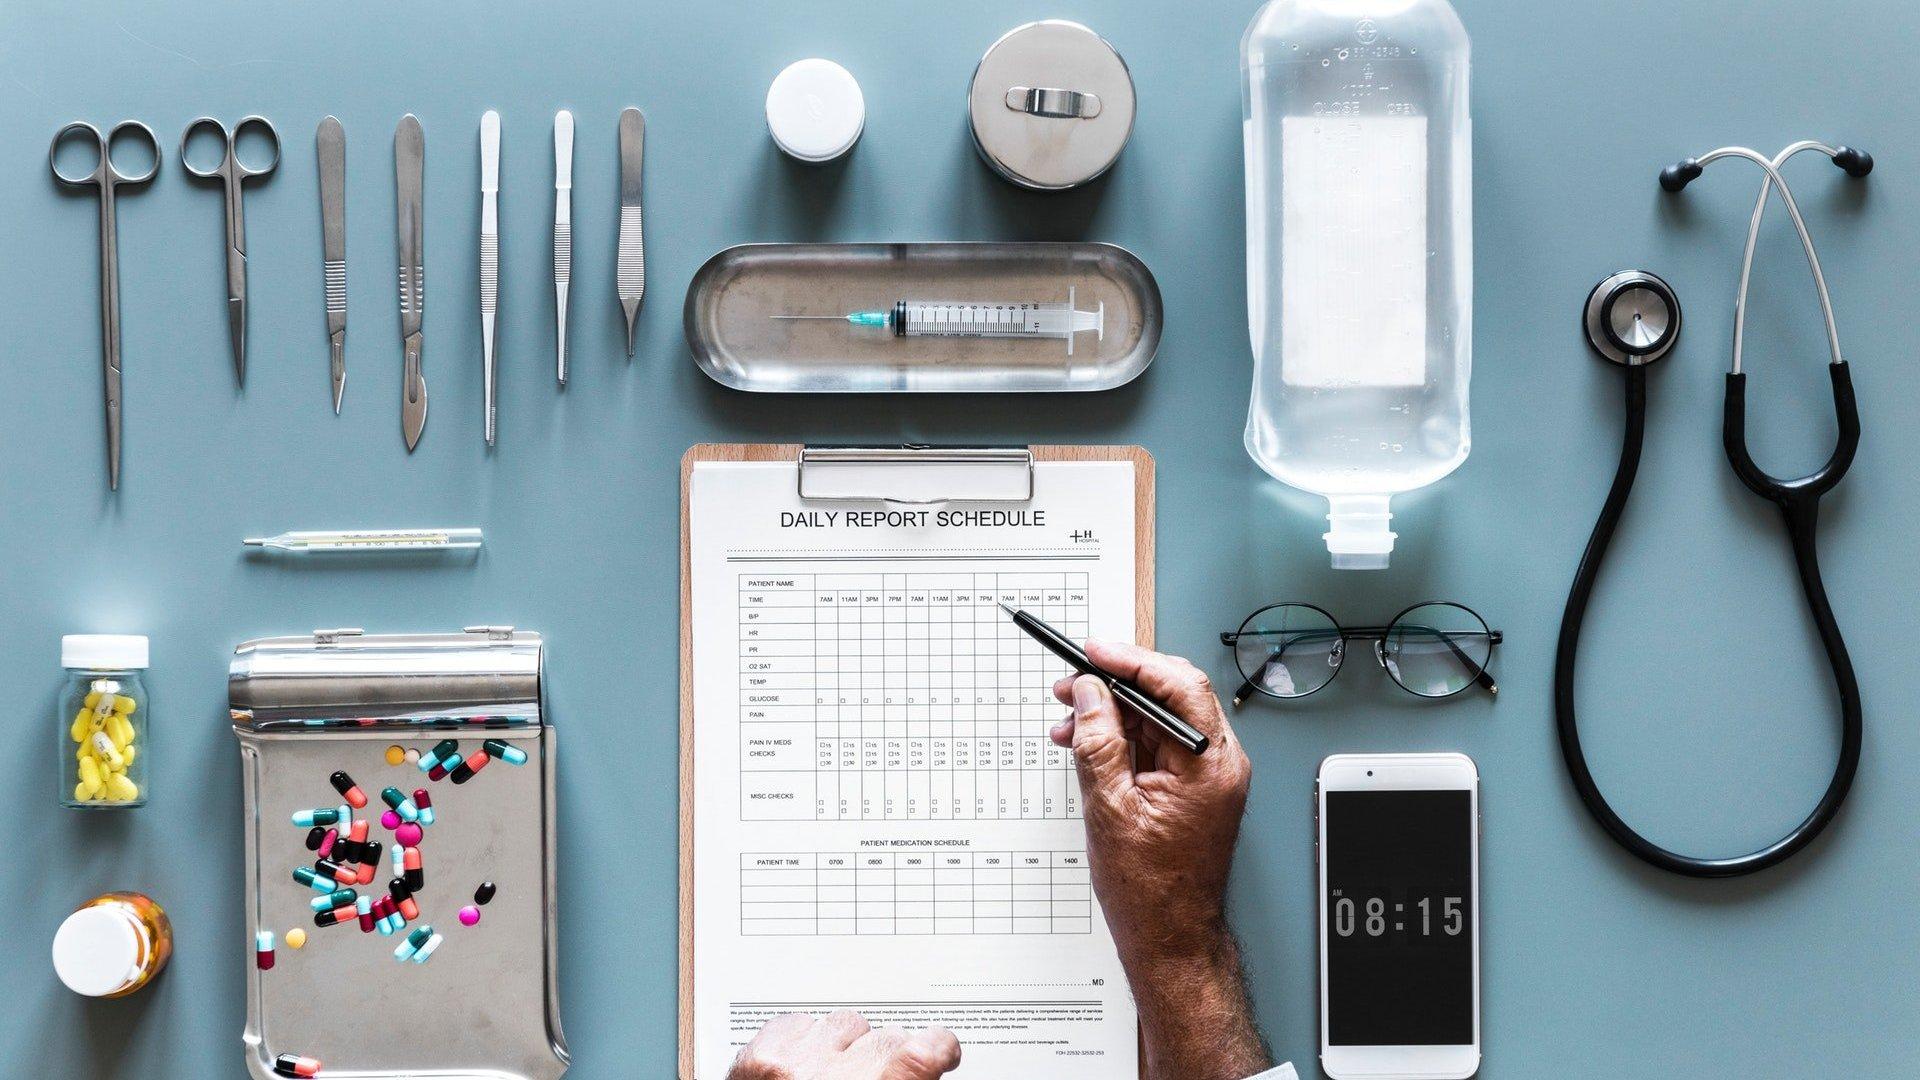 Utensílios médicos dispostos em mesa azul